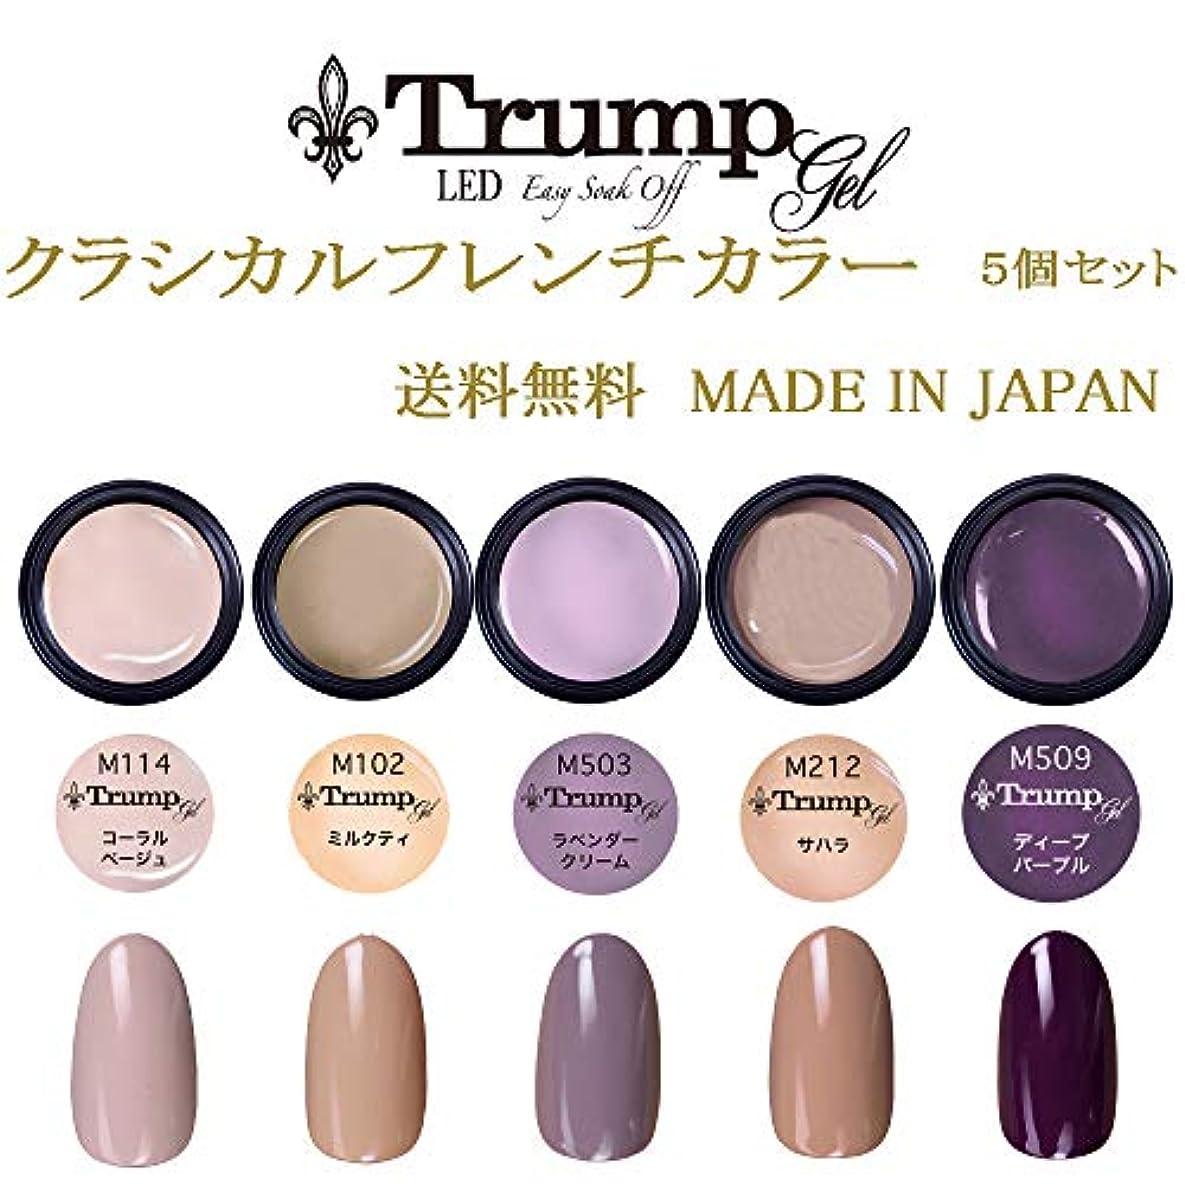 実業家ブロックする不合格【送料無料】日本製 Trump gel トランプジェル クラシカルフレンチカラージェル 5個セット スタイリッシュでオシャレな 白べっ甲カラージェルセット